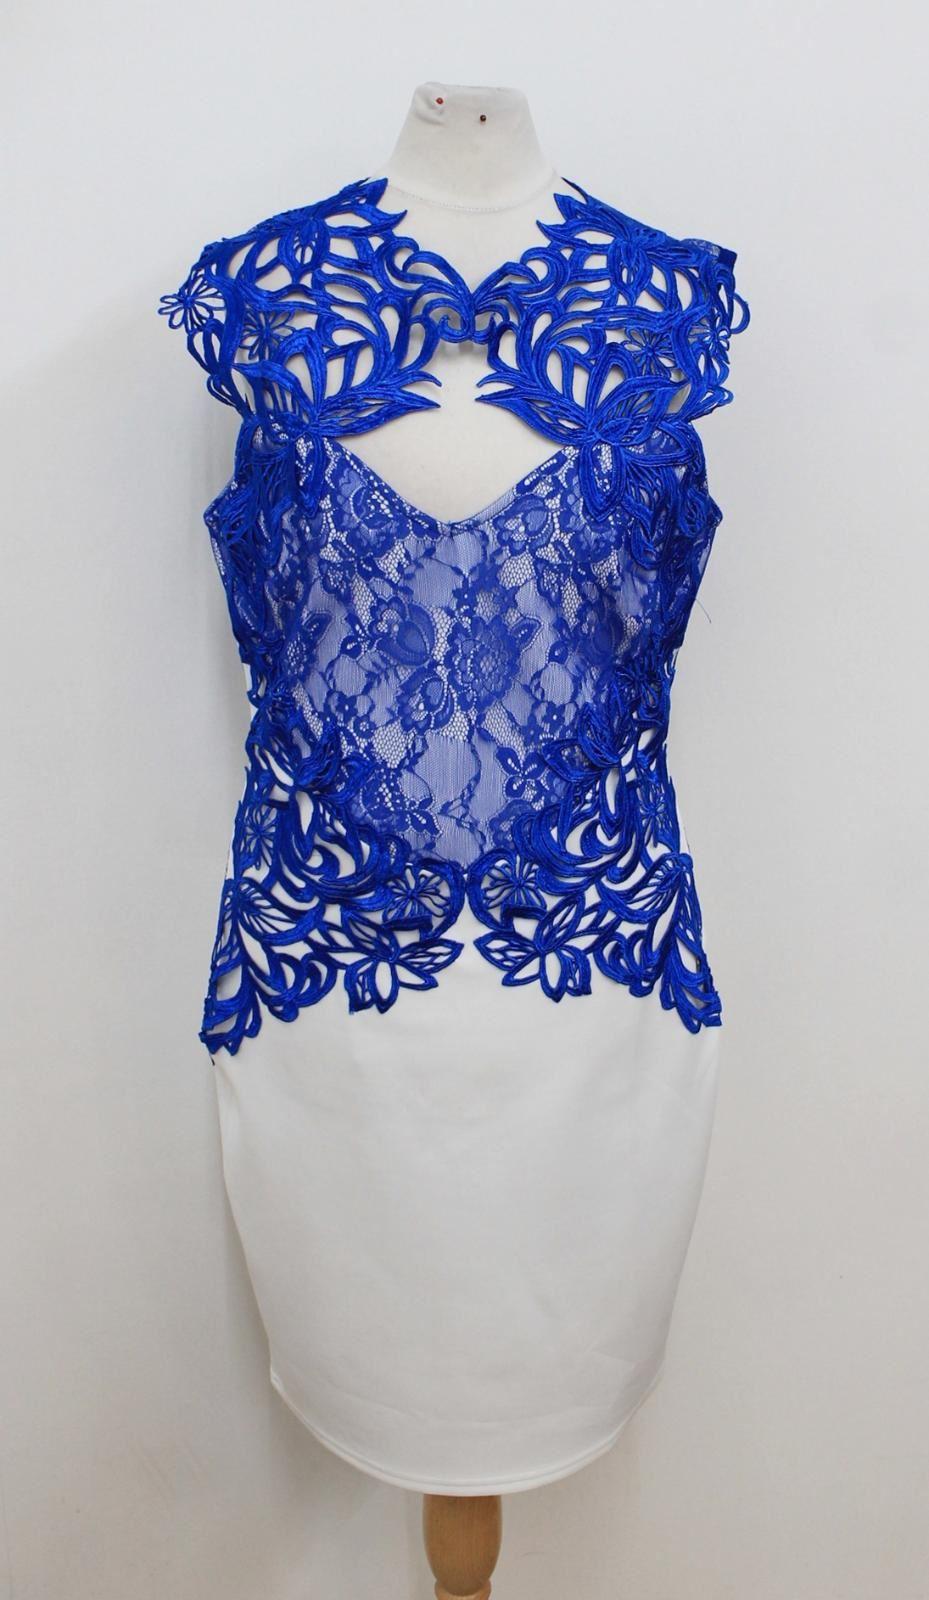 0faaeae2586035 Sandali donna Bianco LIPSY LONDON Pizzo Blu Blu Blu Cobalto open back  bodycon abito ritagliato UK12 86b6f7